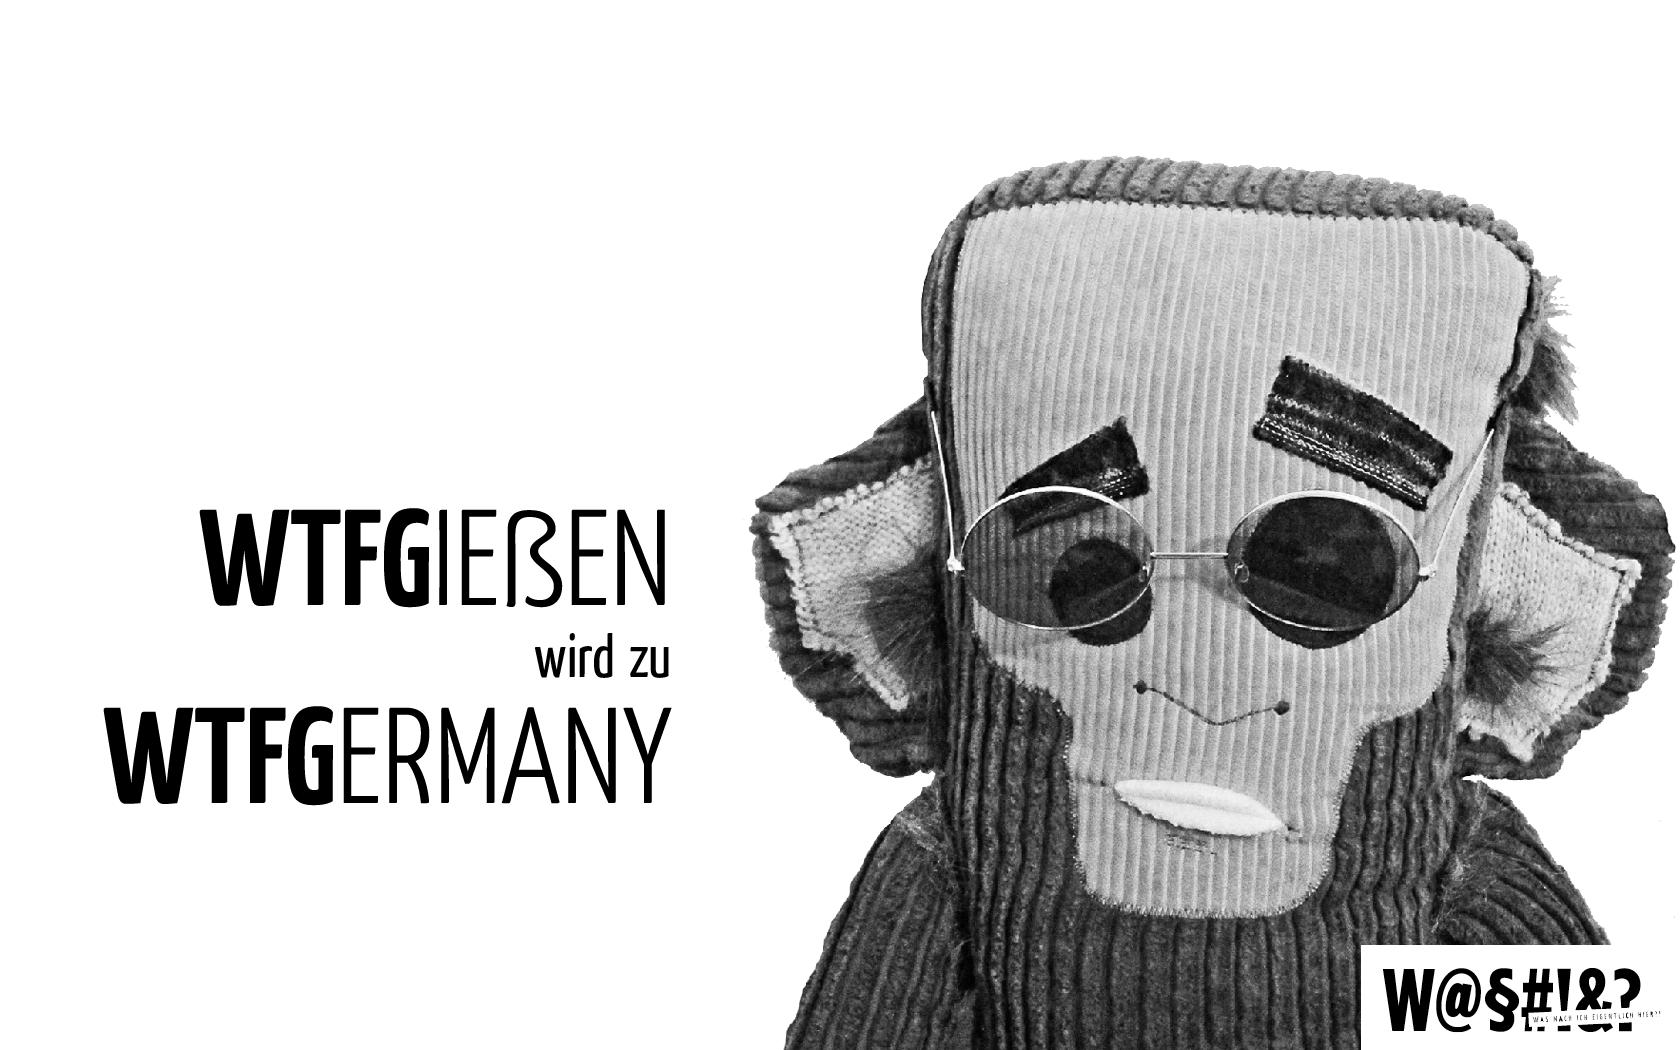 wtfg_Willkommen